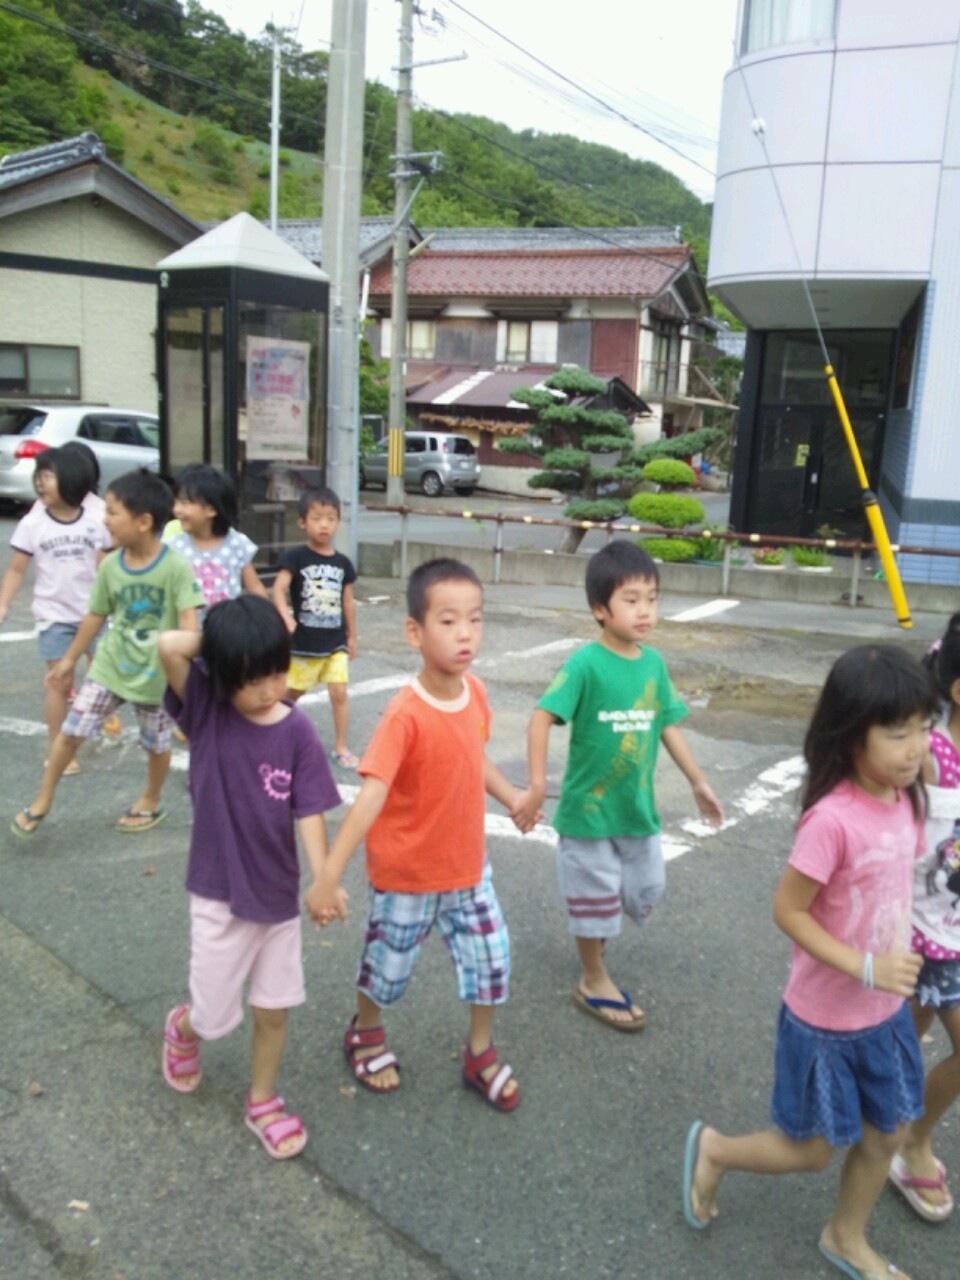 海合宿8 朝のお散歩_c0151262_8331653.jpg